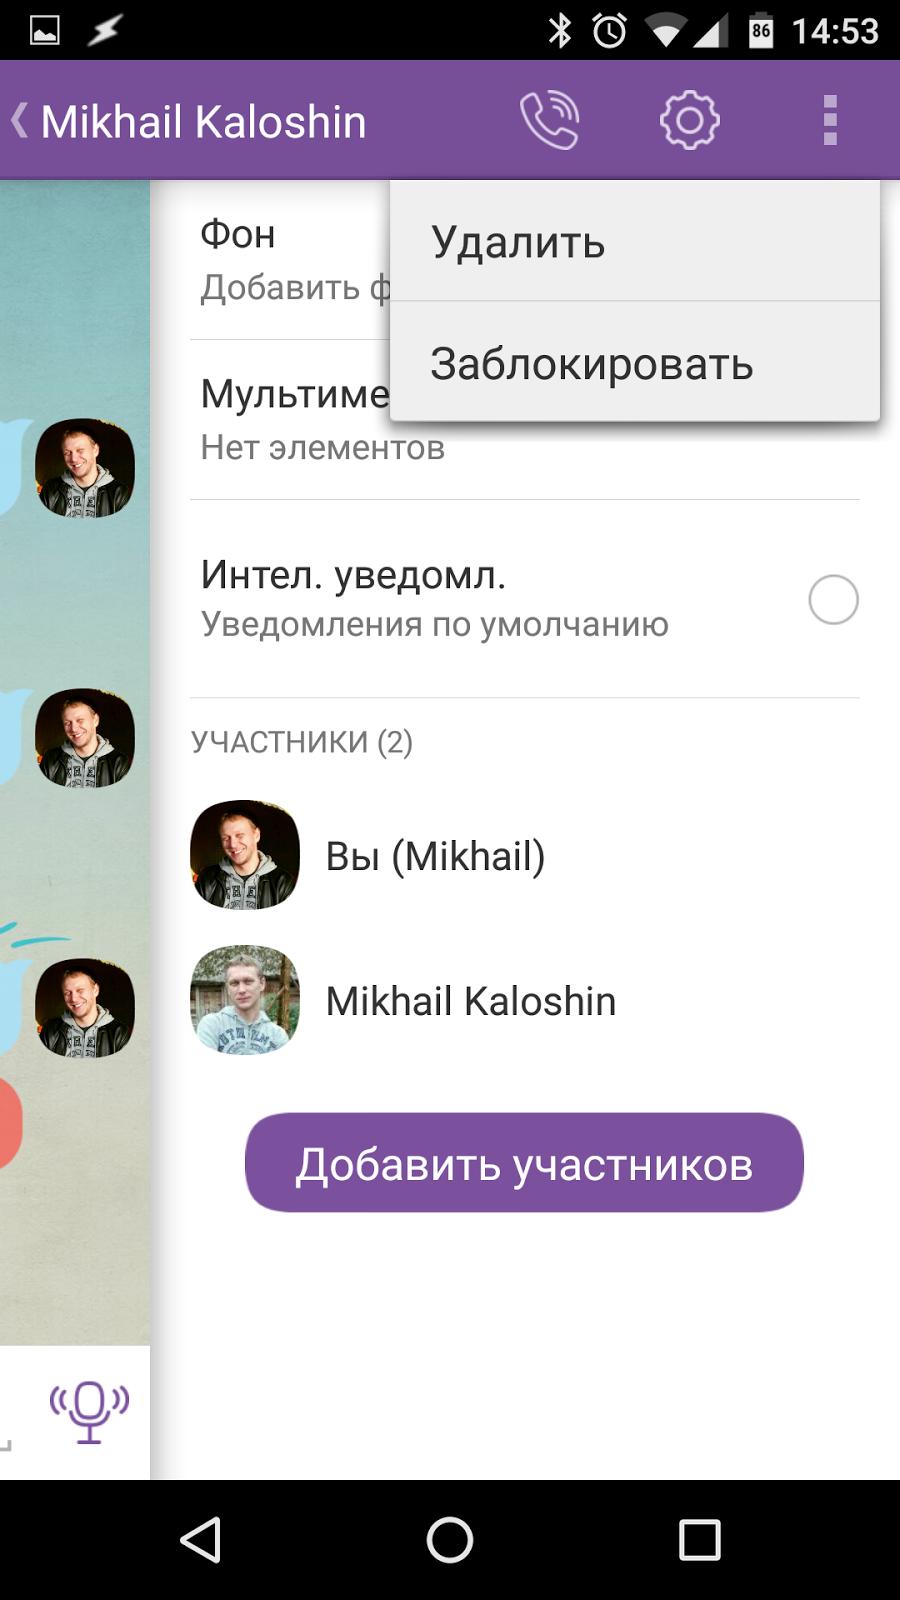 Программа которая не показывает онлайн в контакте